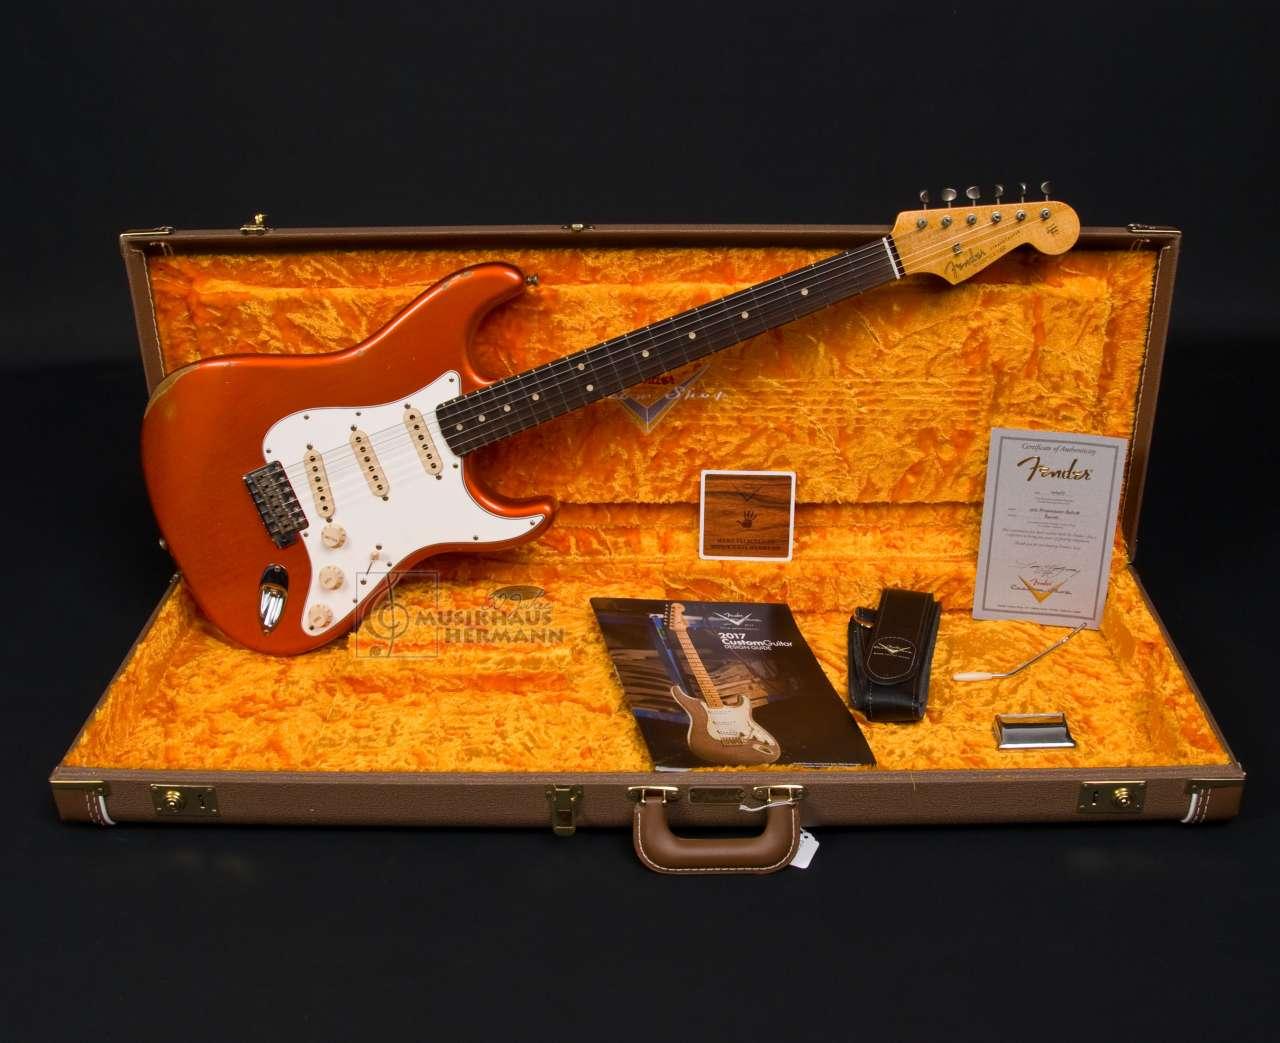 Ausgezeichnet Stratocaster 5 Wege Schaltschema Bilder - Elektrische ...